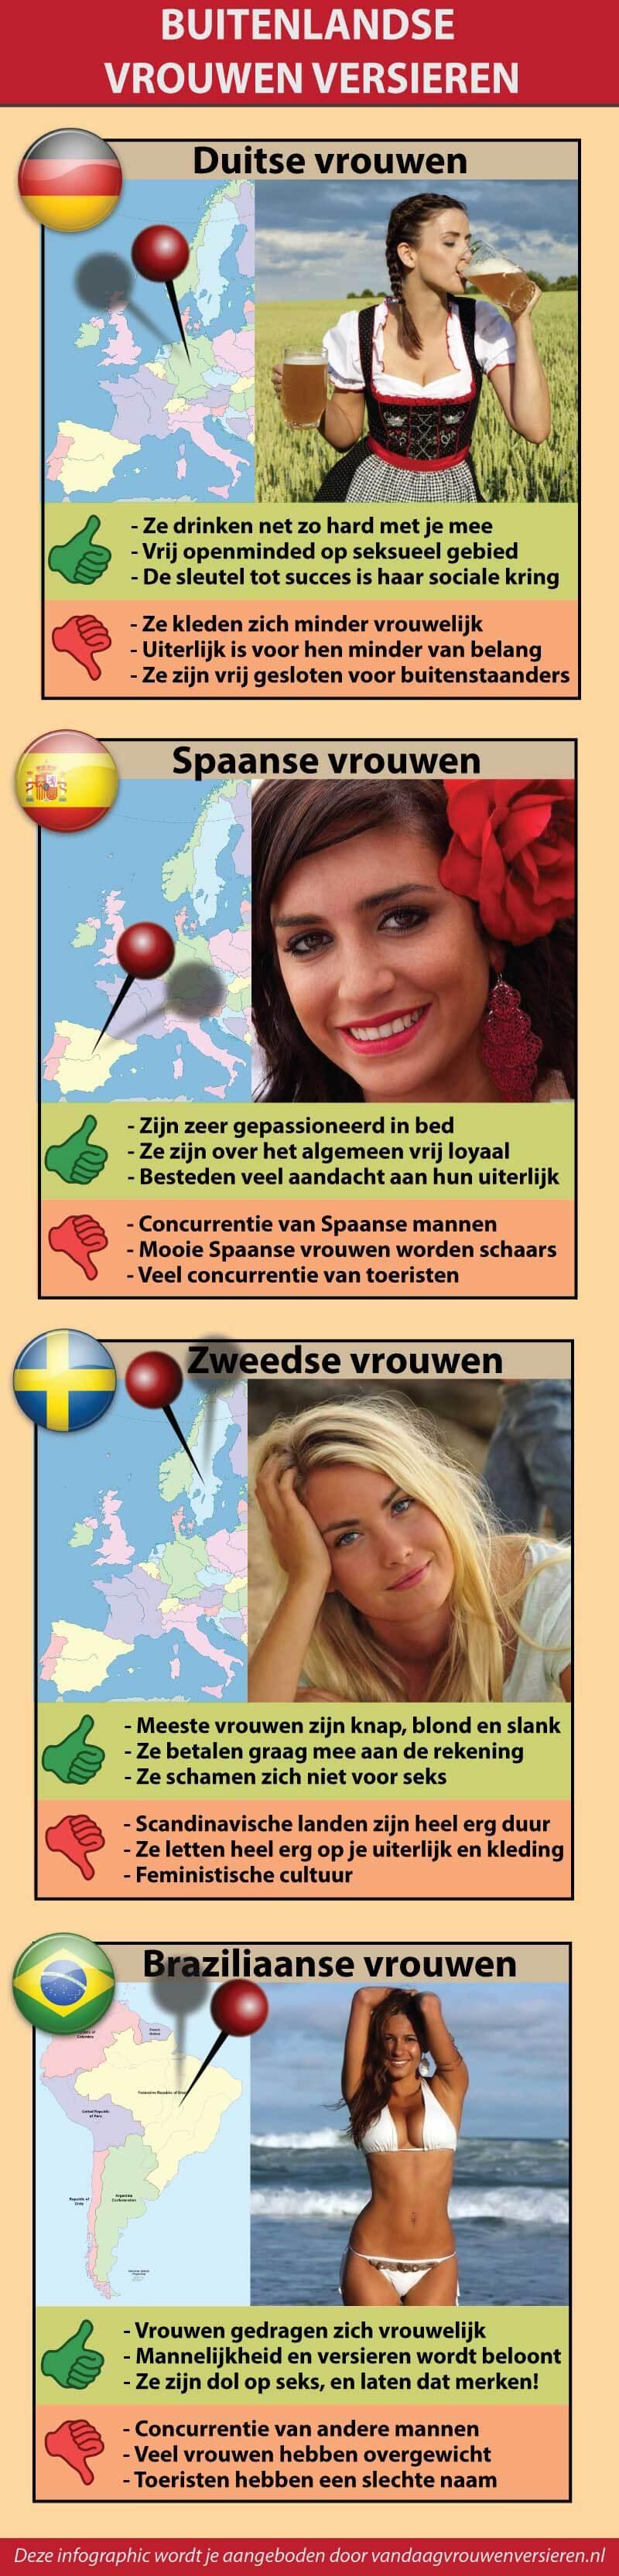 buitenlandse-vrouwen-versieren